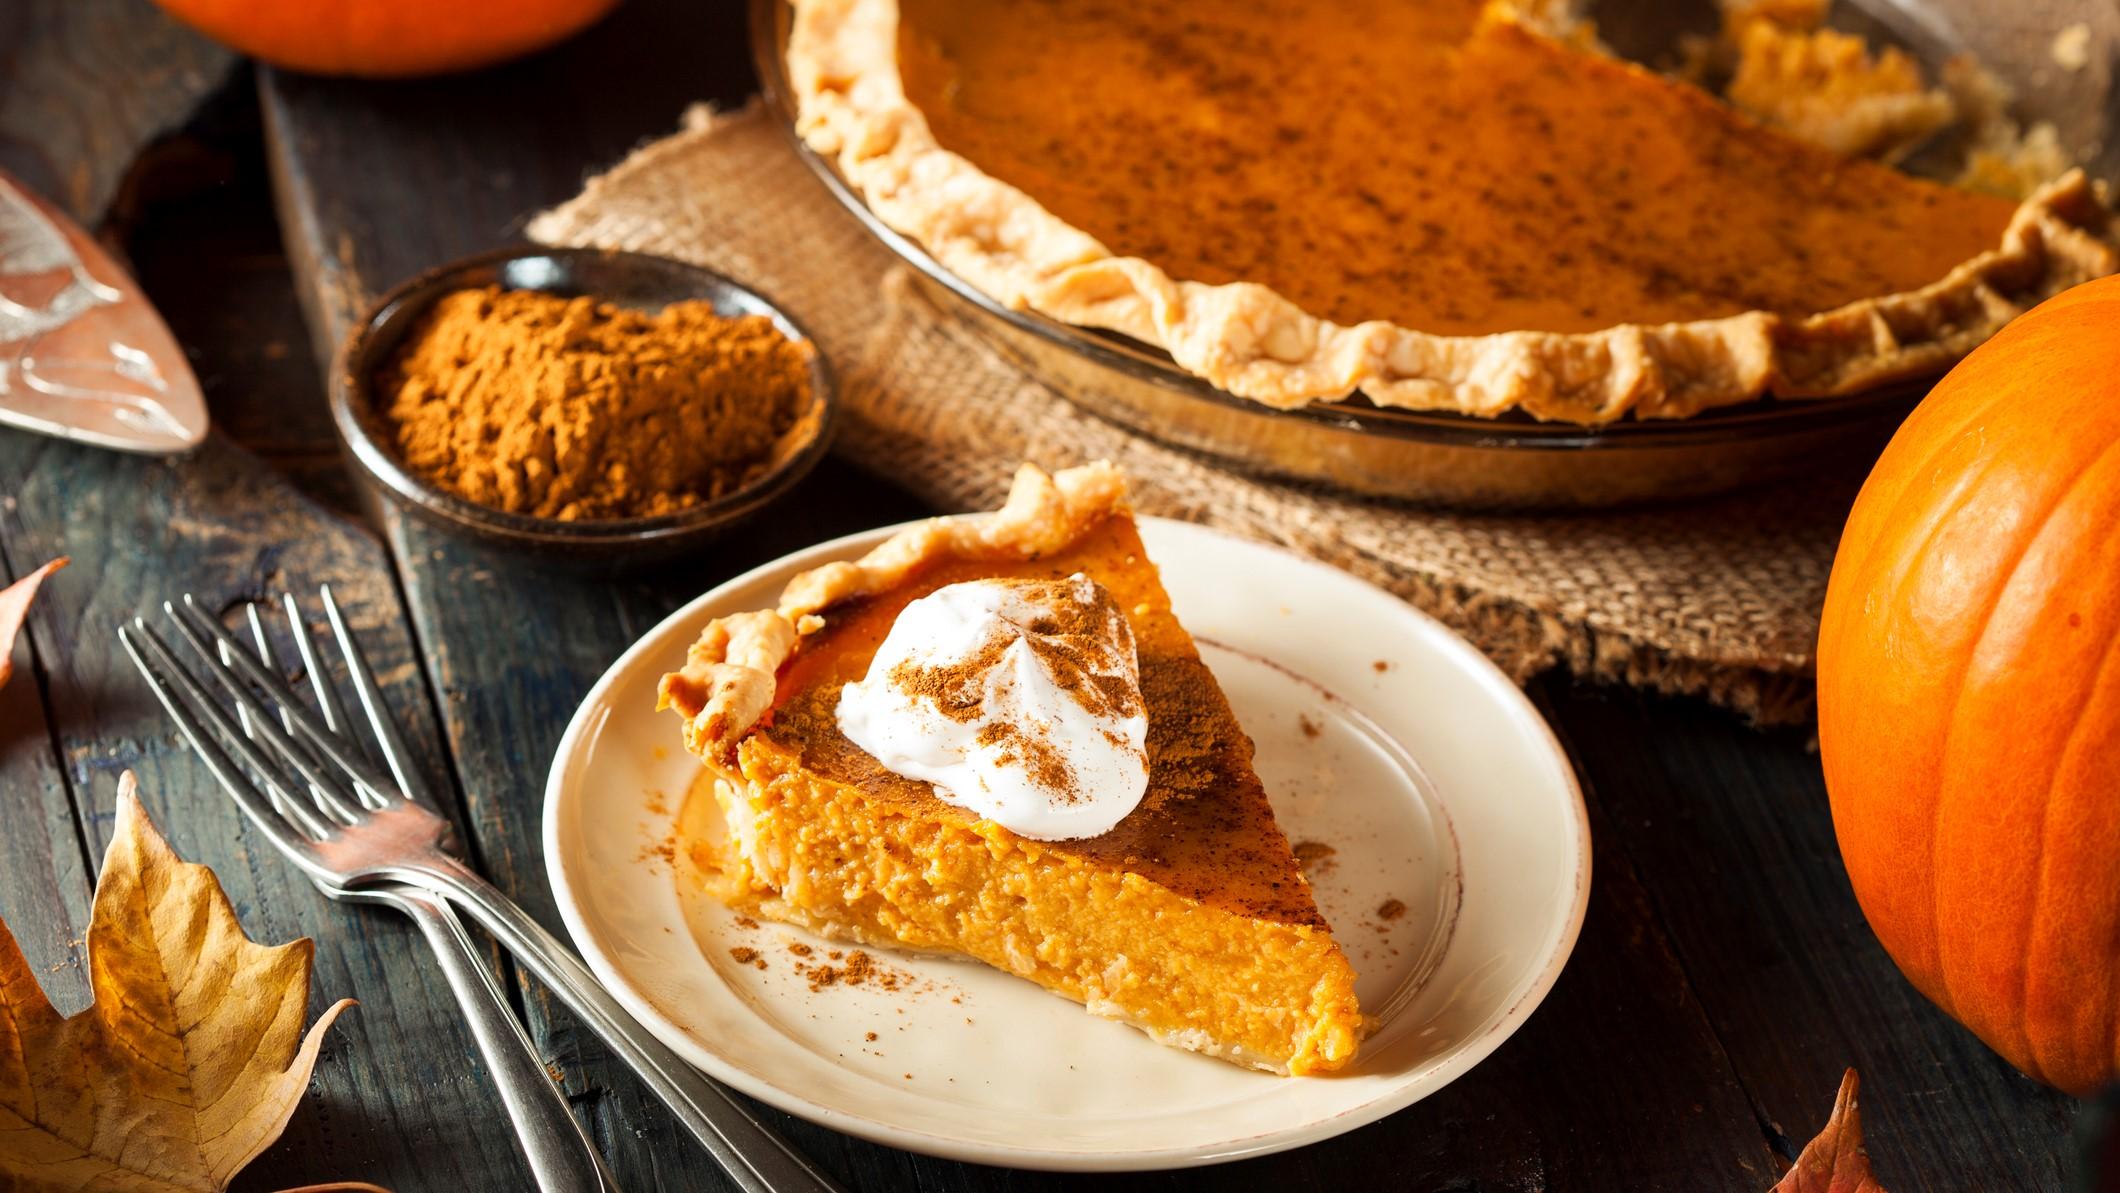 Angeschnittener Kürbiskuchen auf weißem Teller. Umgeben vom ganzen Kuchen und herbstlicher Dekoration.